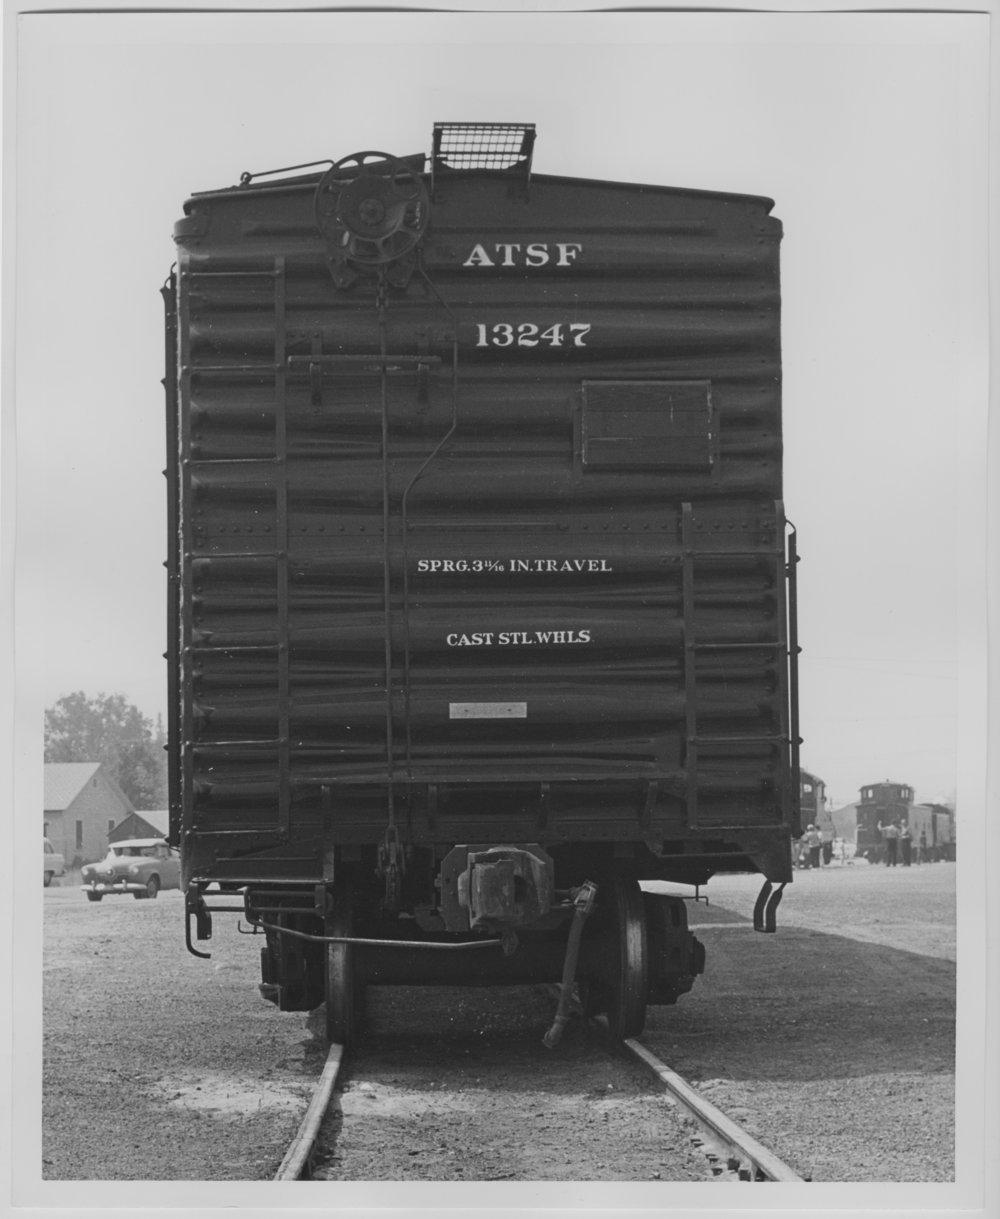 Atchison, Topeka & Santa Fe Railway Company's box car no. 13247 - 1